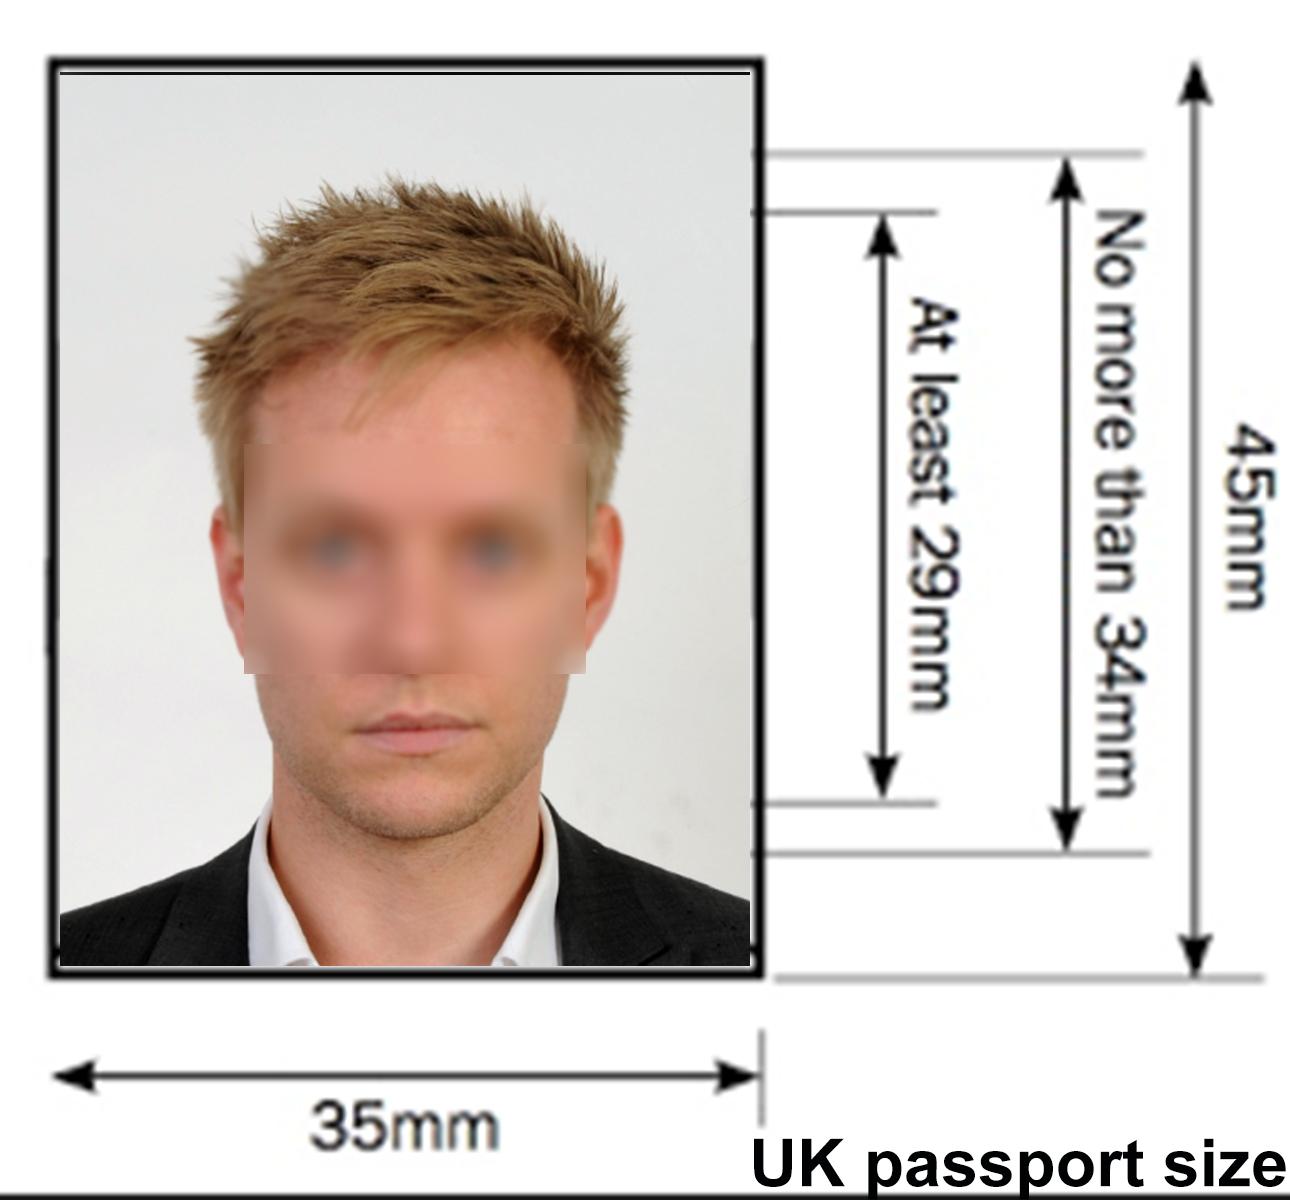 passport-photo-uk-02